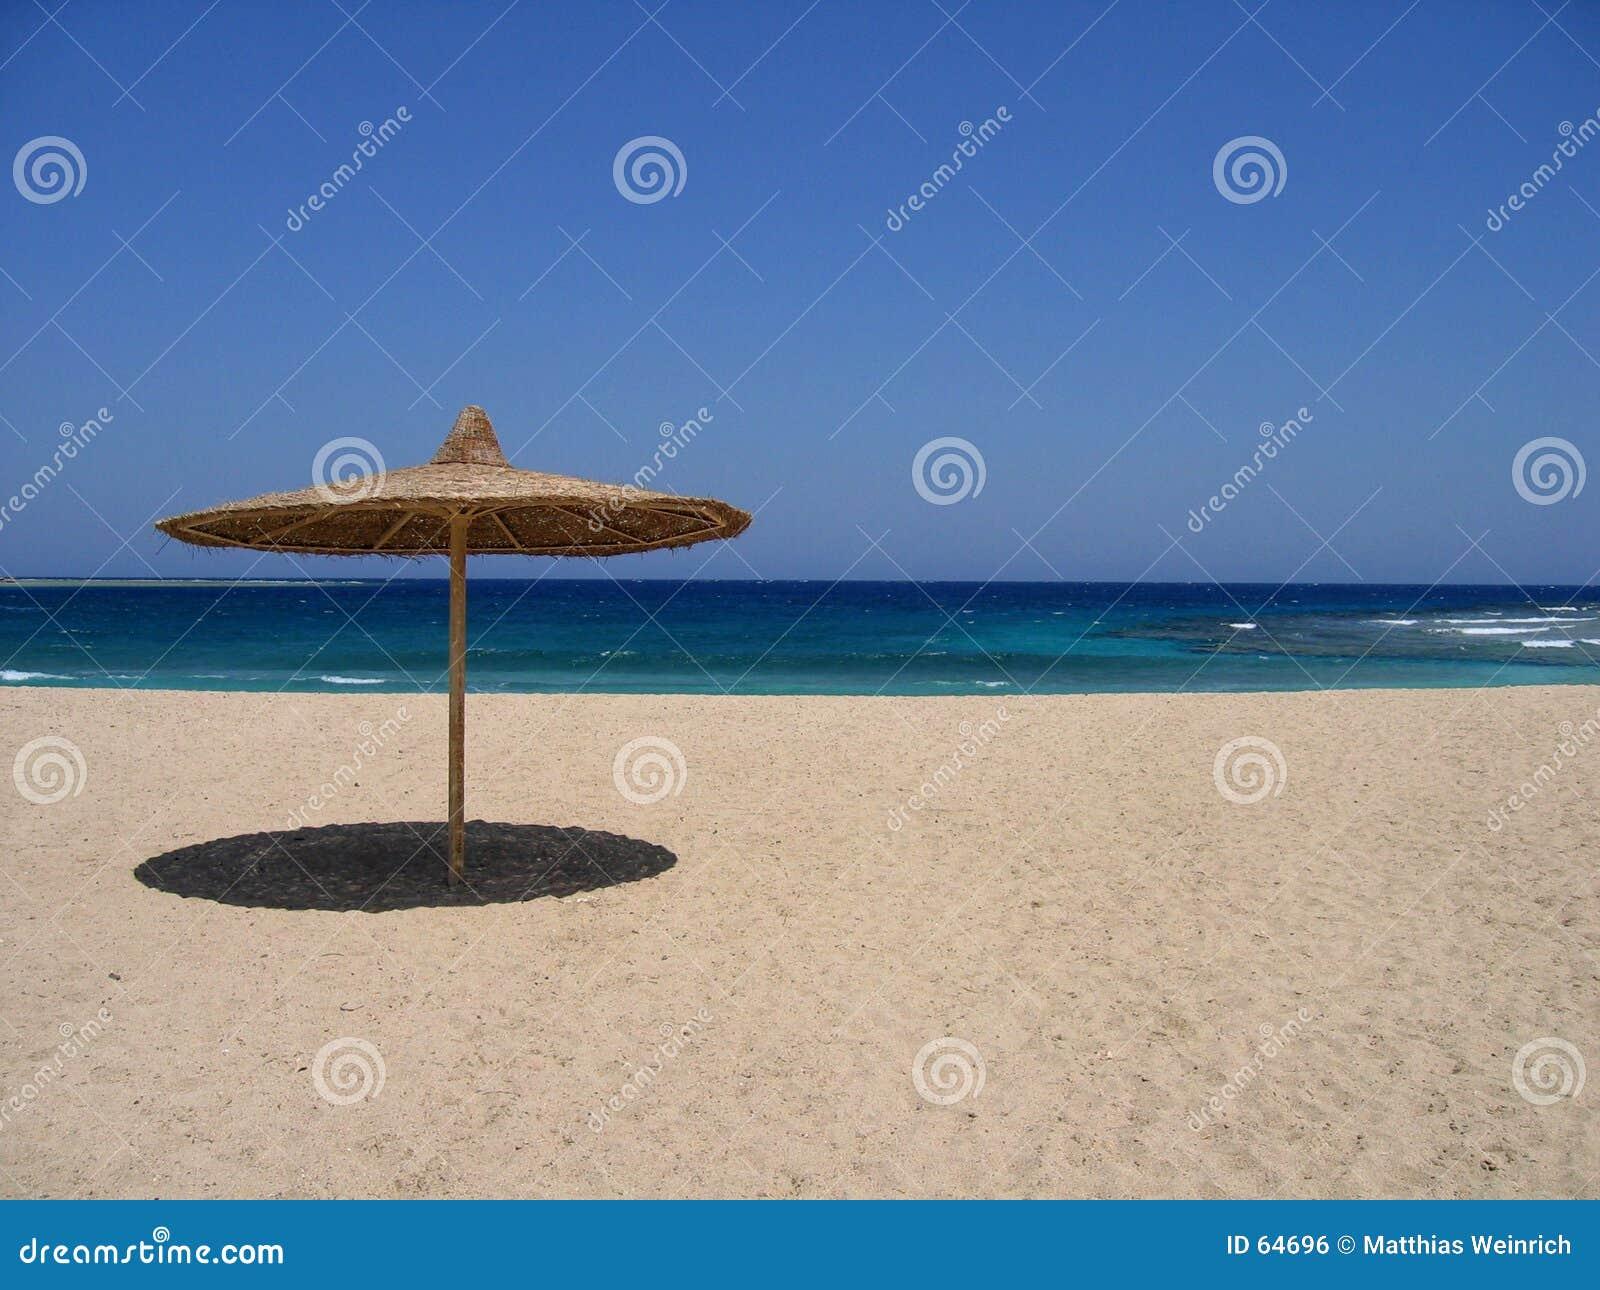 Praia vazia com pára-sol